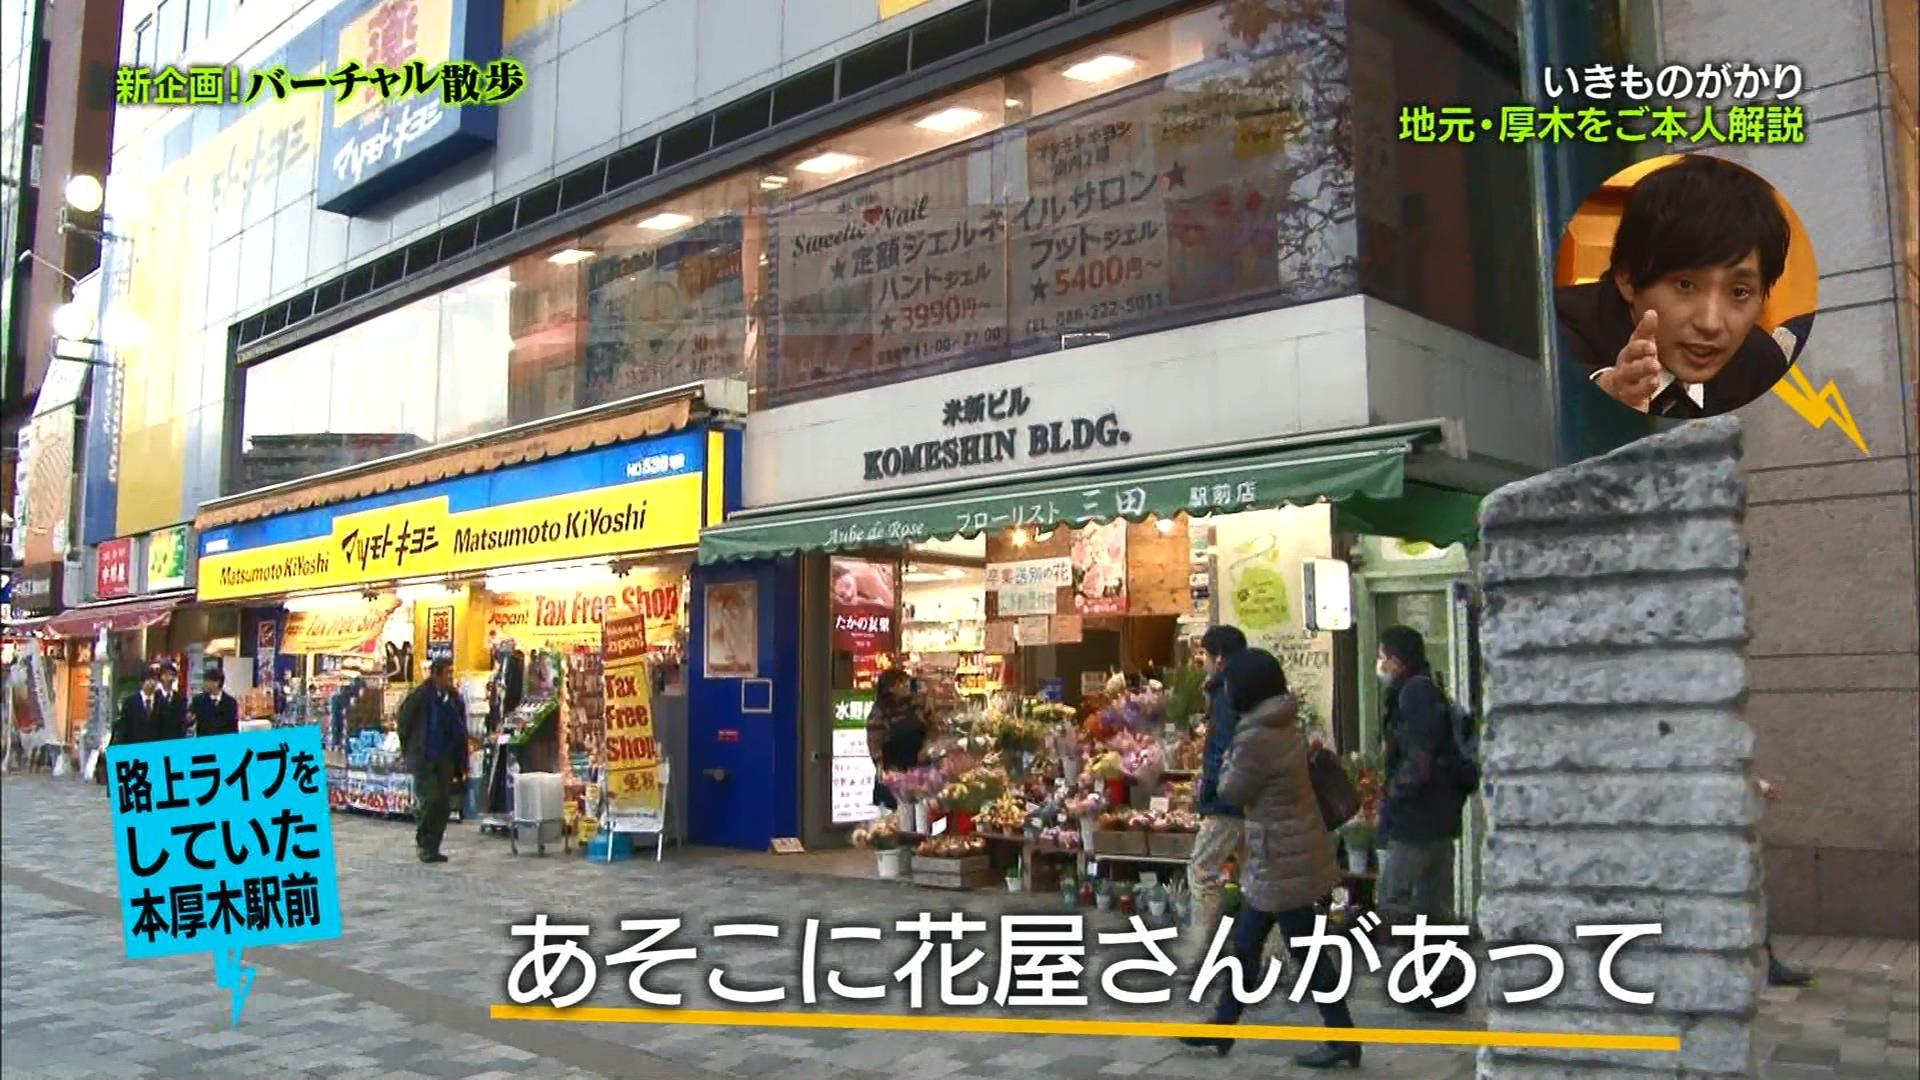 2016.03.11 全場(バズリズム).ts_20160312_024907.188